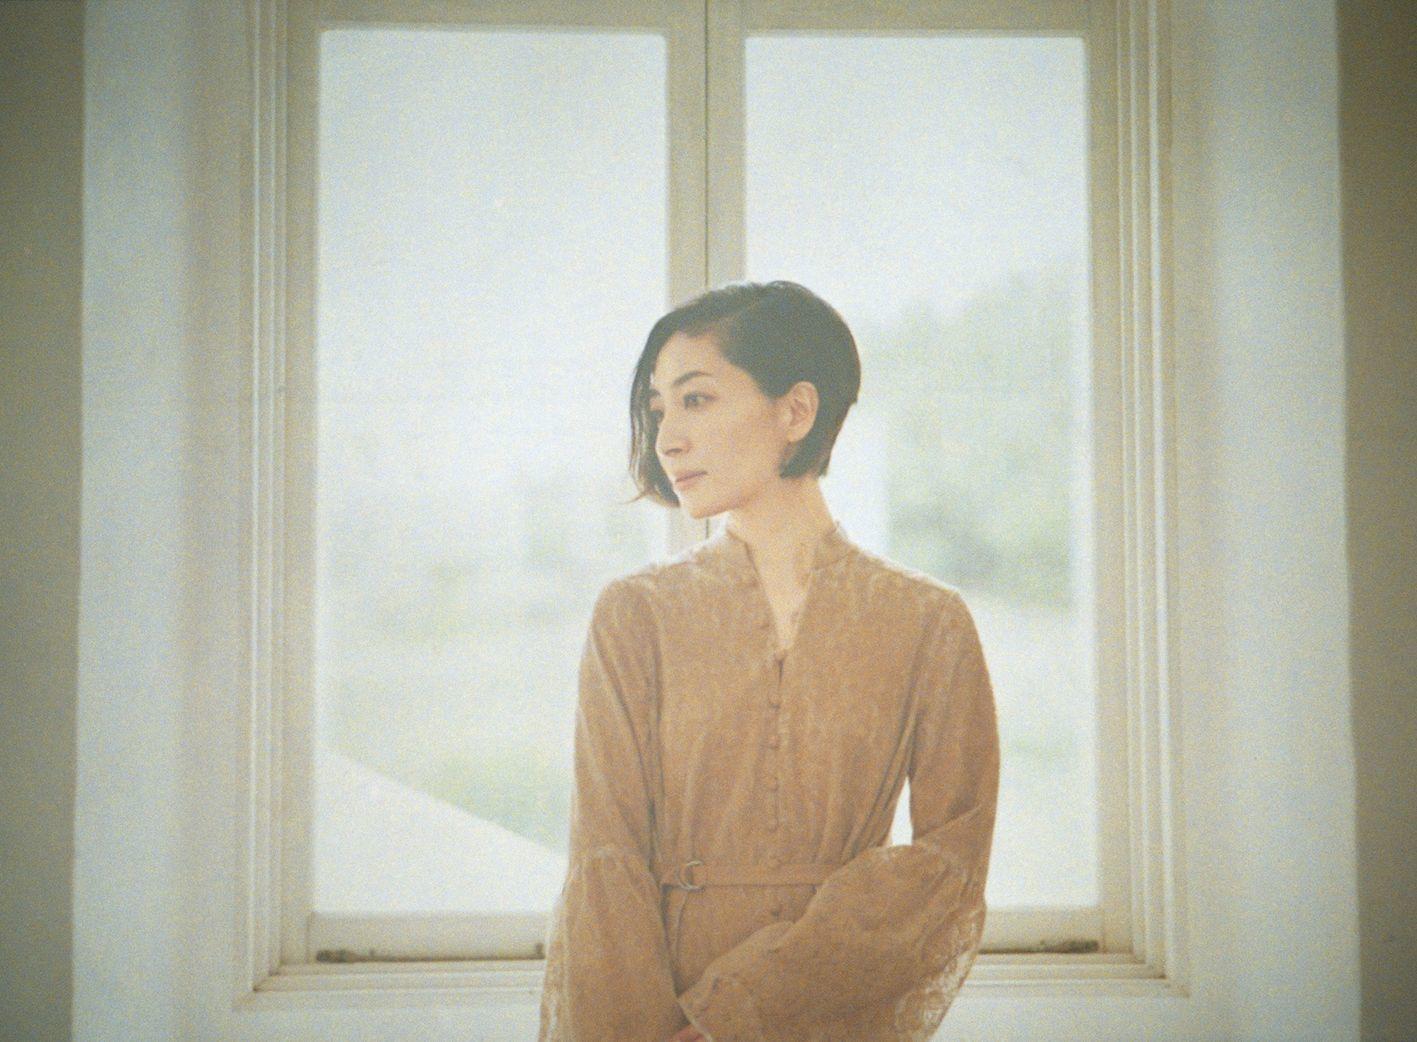 坂本真綾10枚目のアルバム『今日だけの音楽』